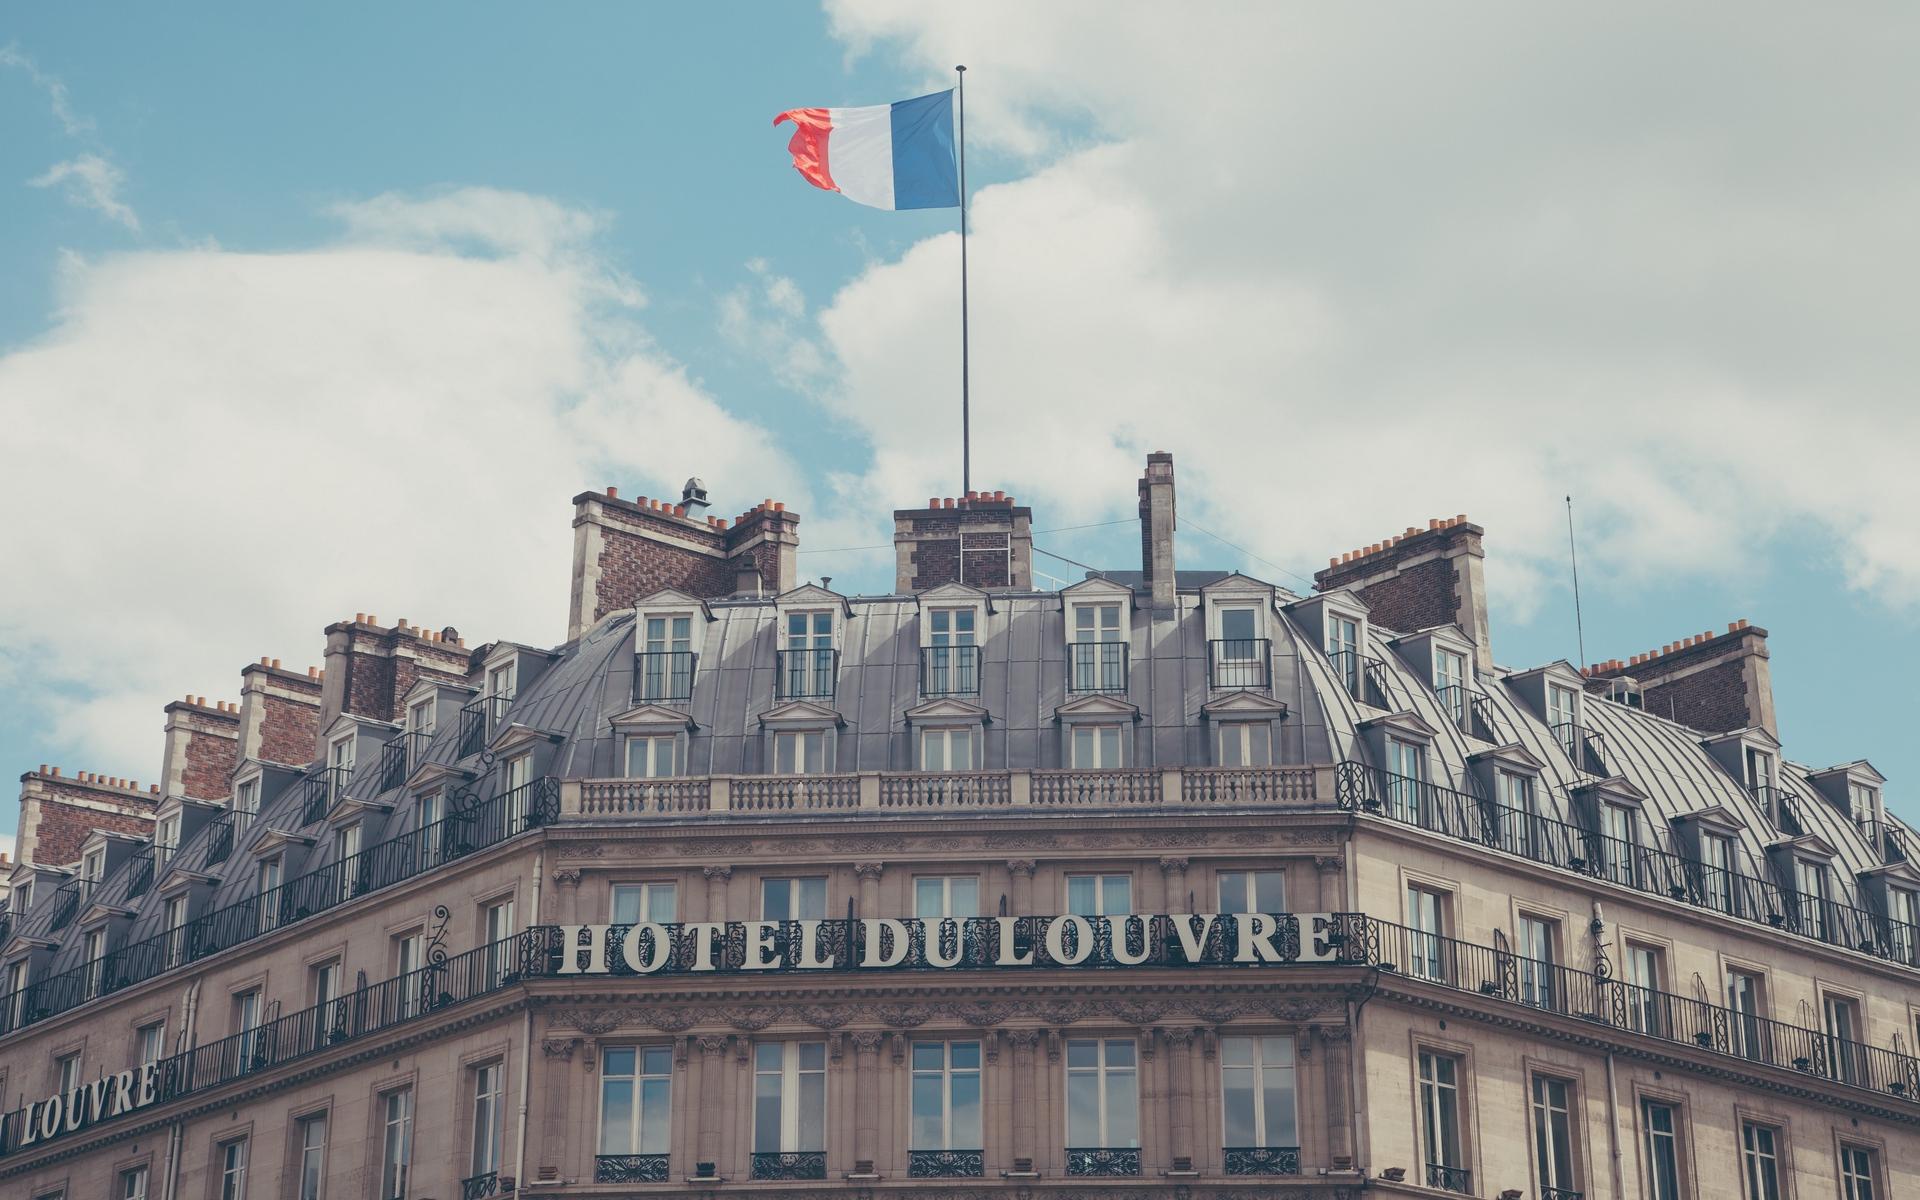 Download wallpaper 1920x1200 paris france hotel hotel du louvre 1920x1200